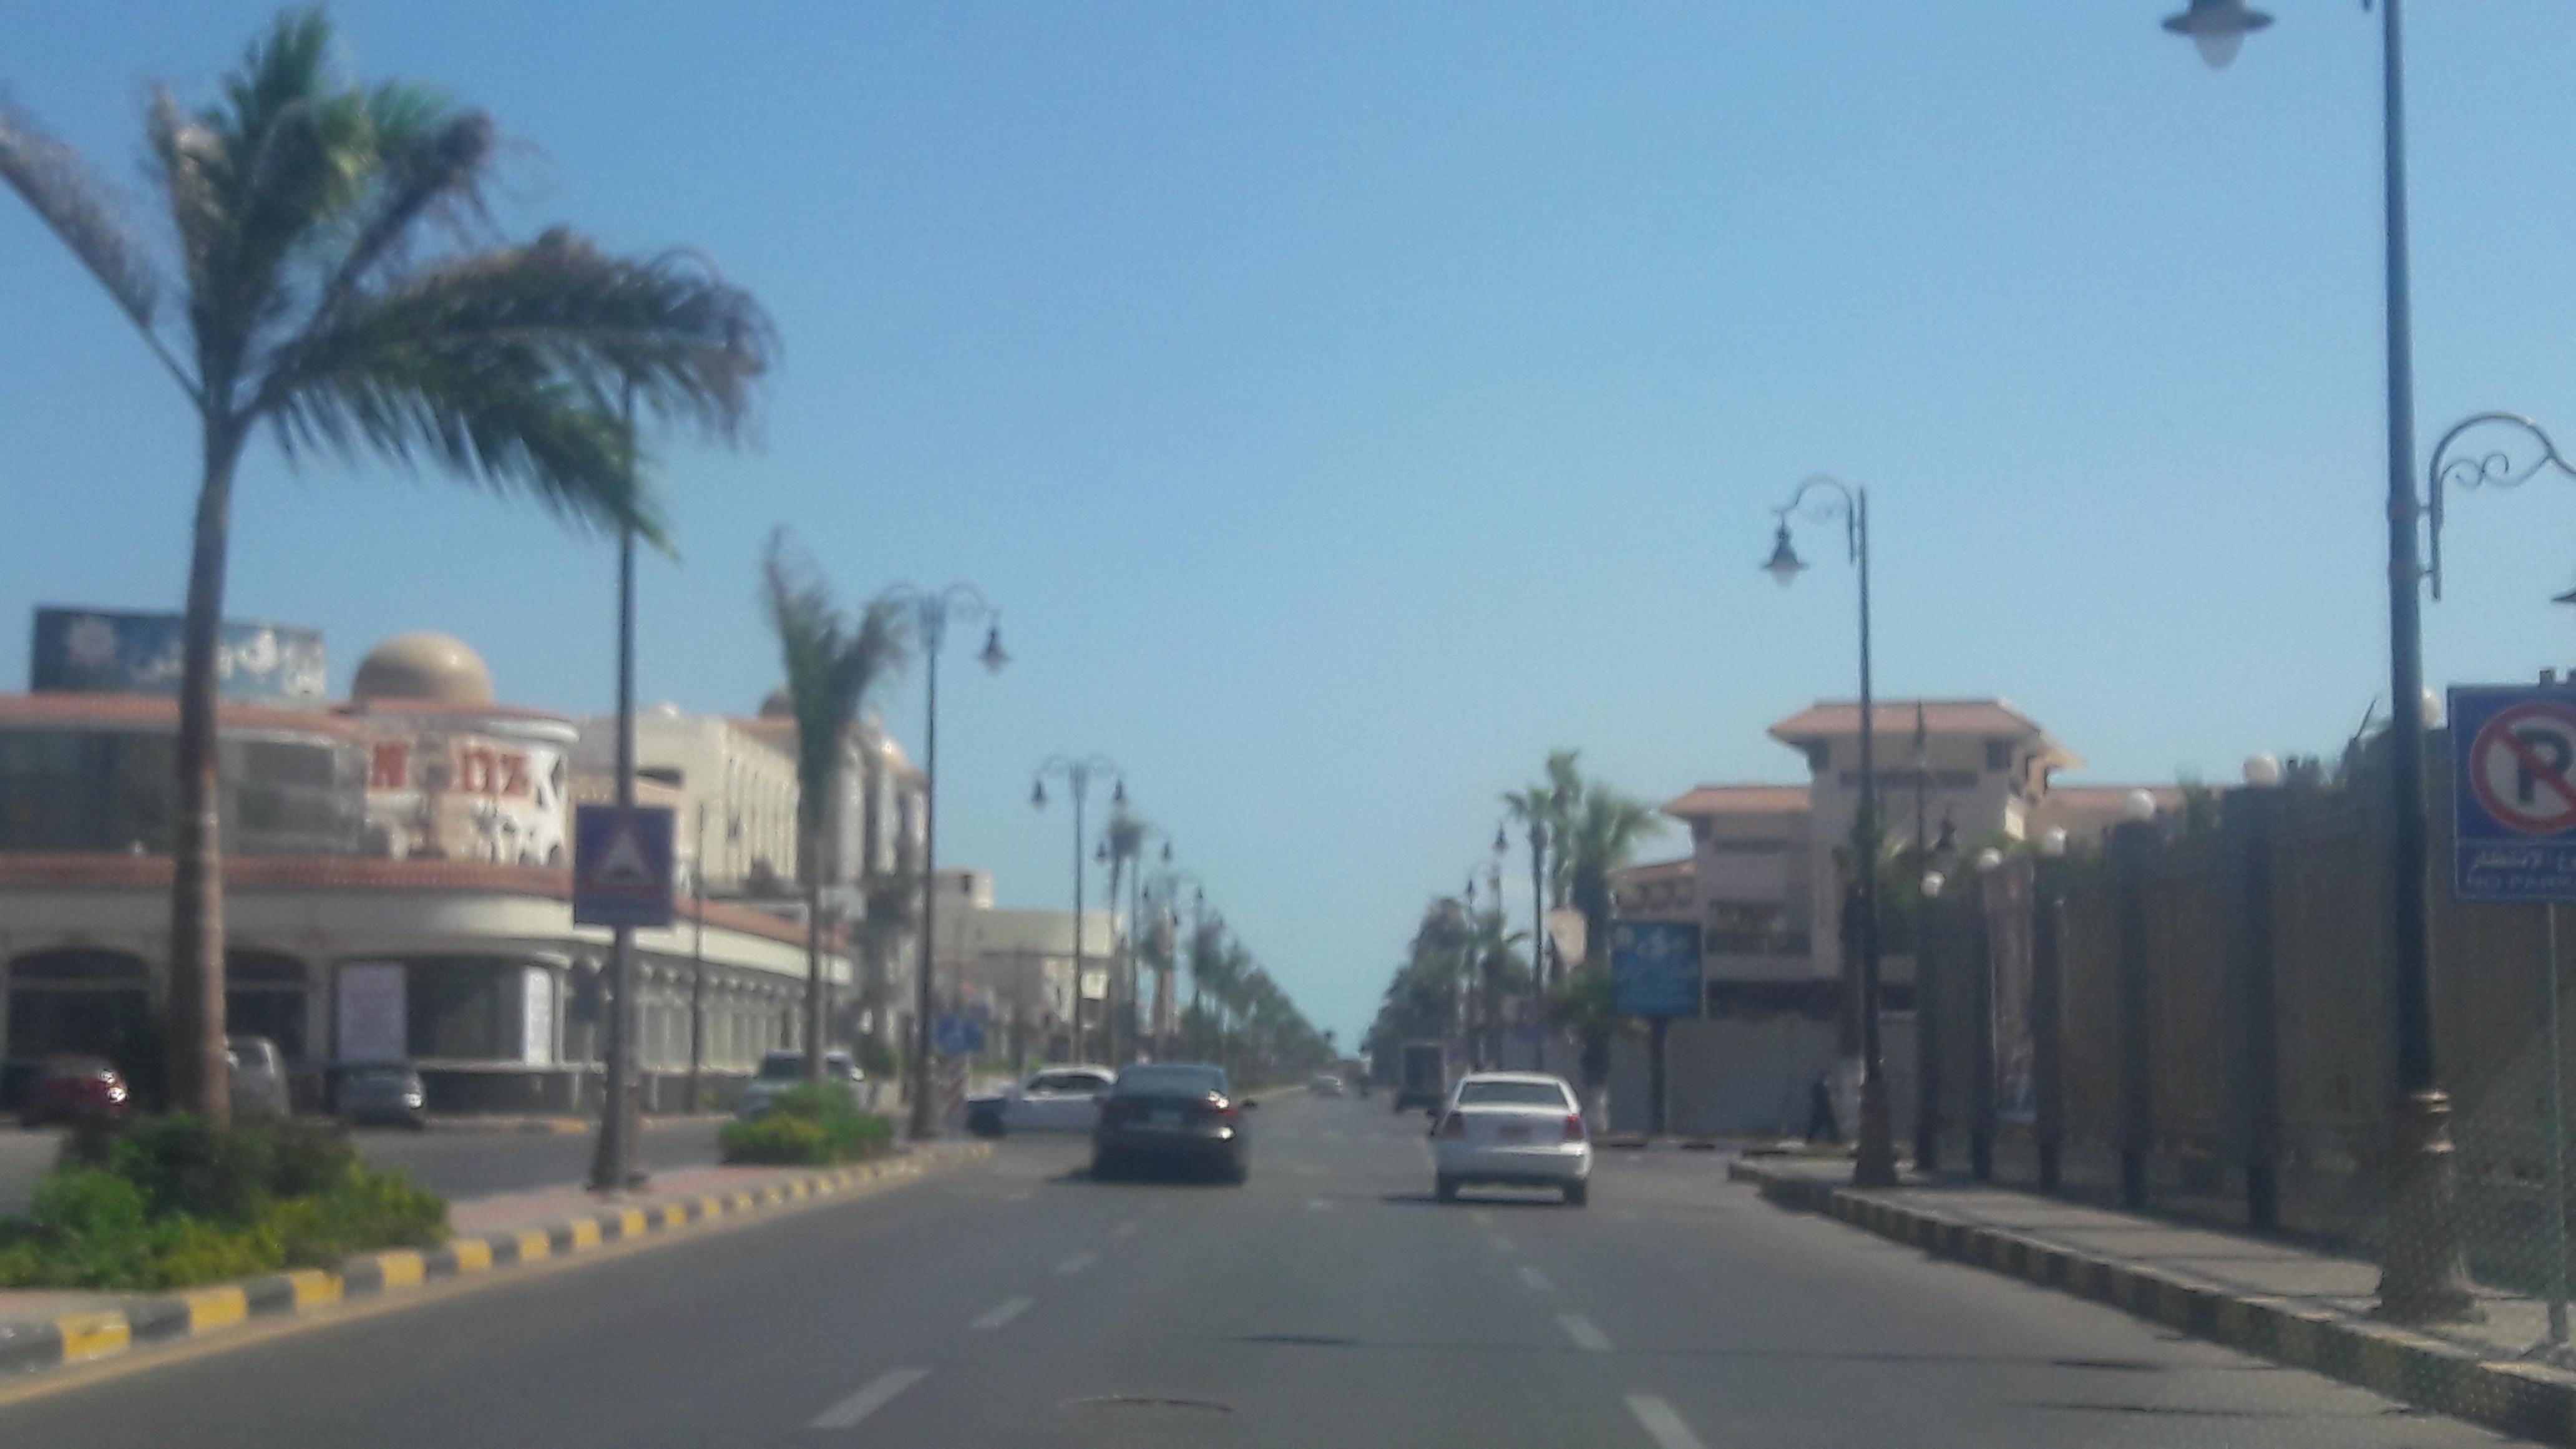 طقس معتدل دافئ على مدينتى بورسعيد وبورفؤاد  (6)